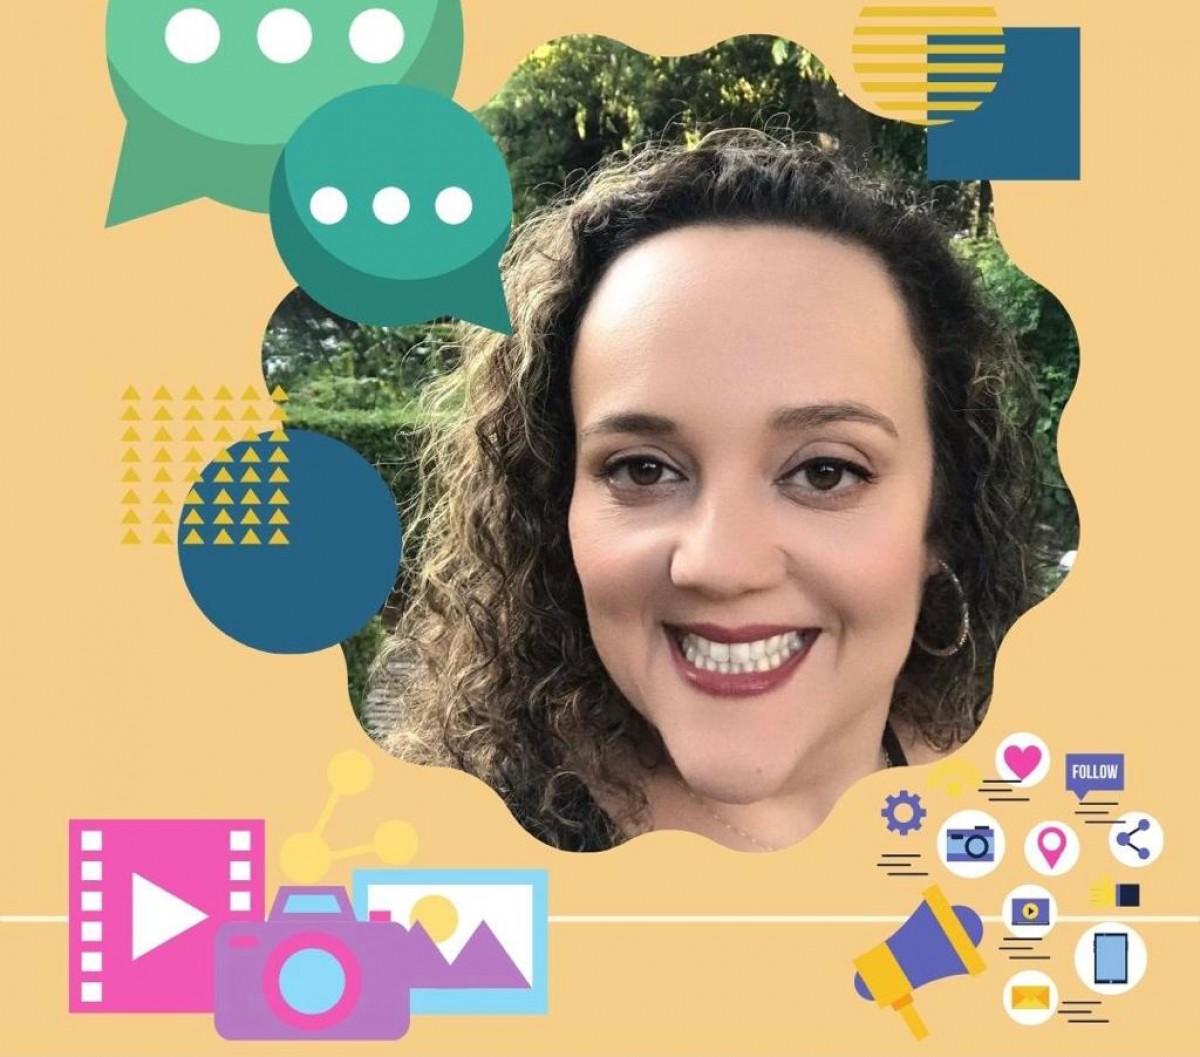 Jornalista Raquel Almeida (Imagem: Arquivo Pessoal)